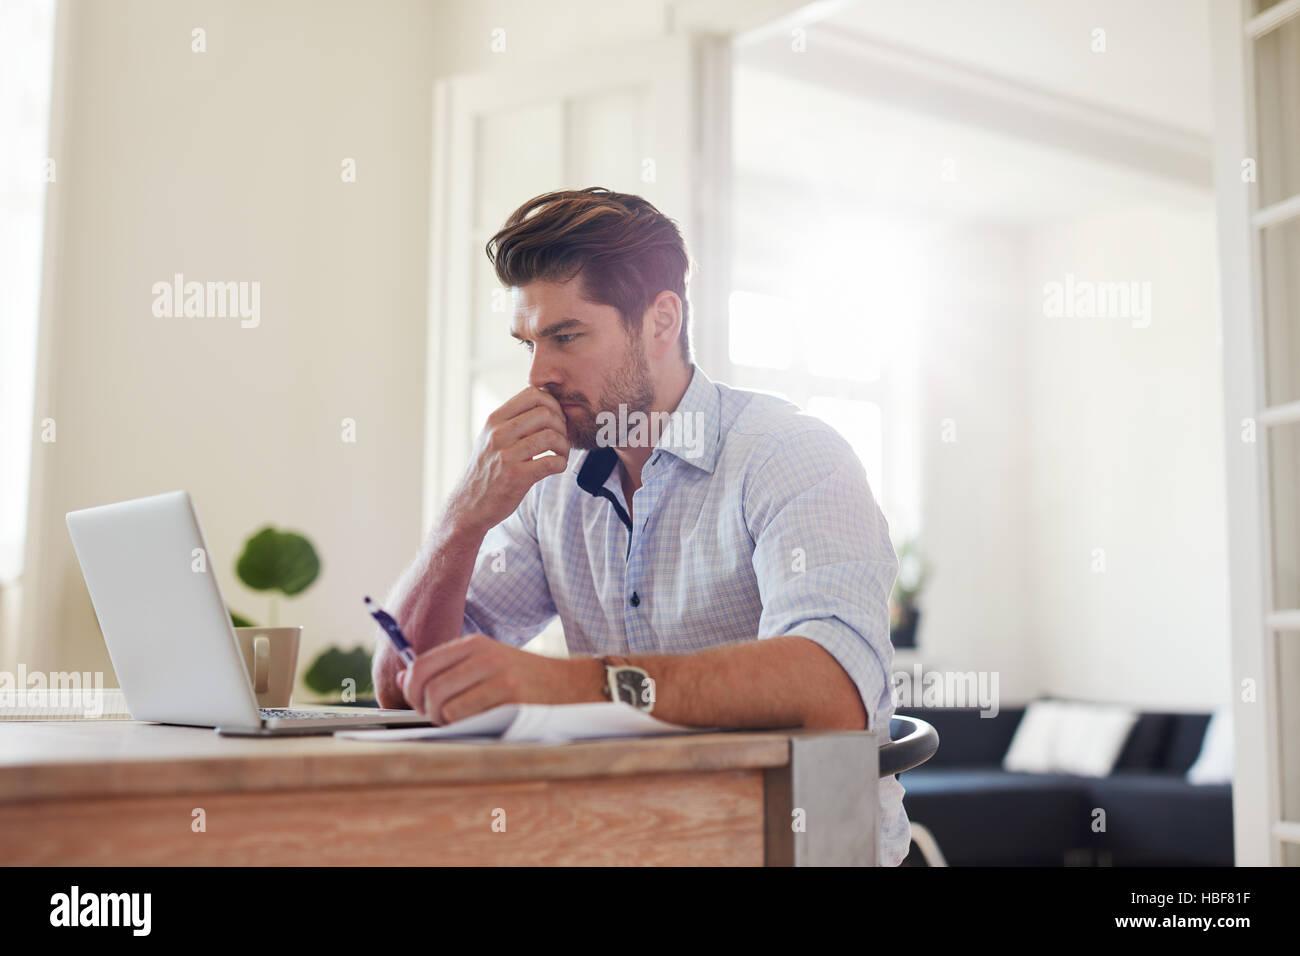 Vue de côté coup de jeune homme pensif assis à la maison et travailler sur ordinateur portable. Homme Photo Stock